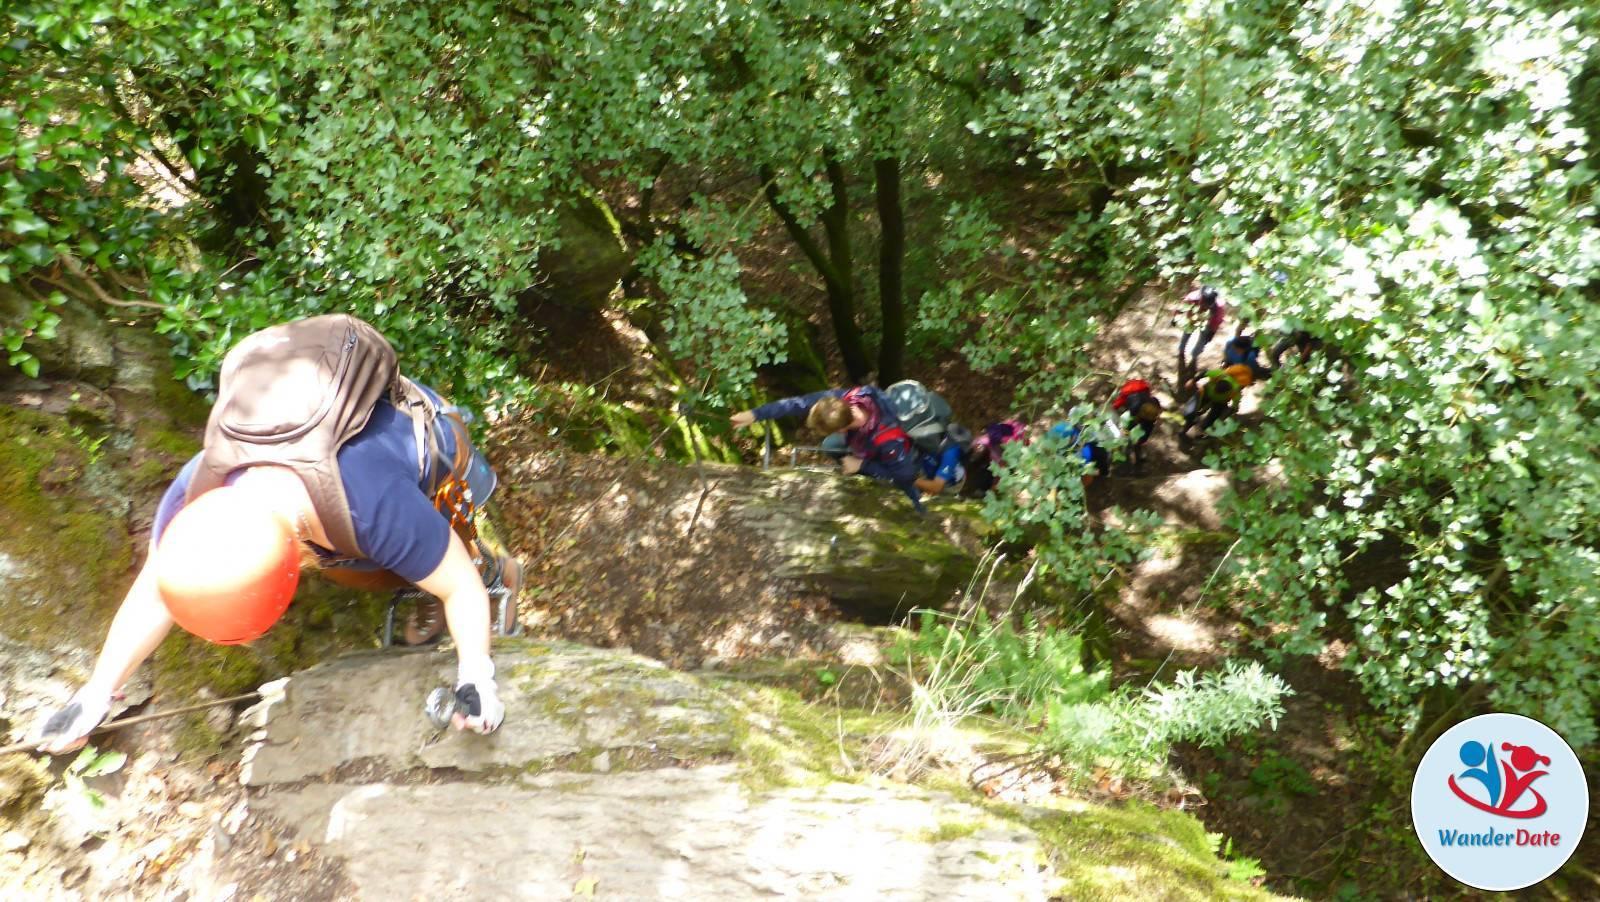 Klettersteig Rheinsteig Boppard : Der mittelrhein klettersteig späte vögel